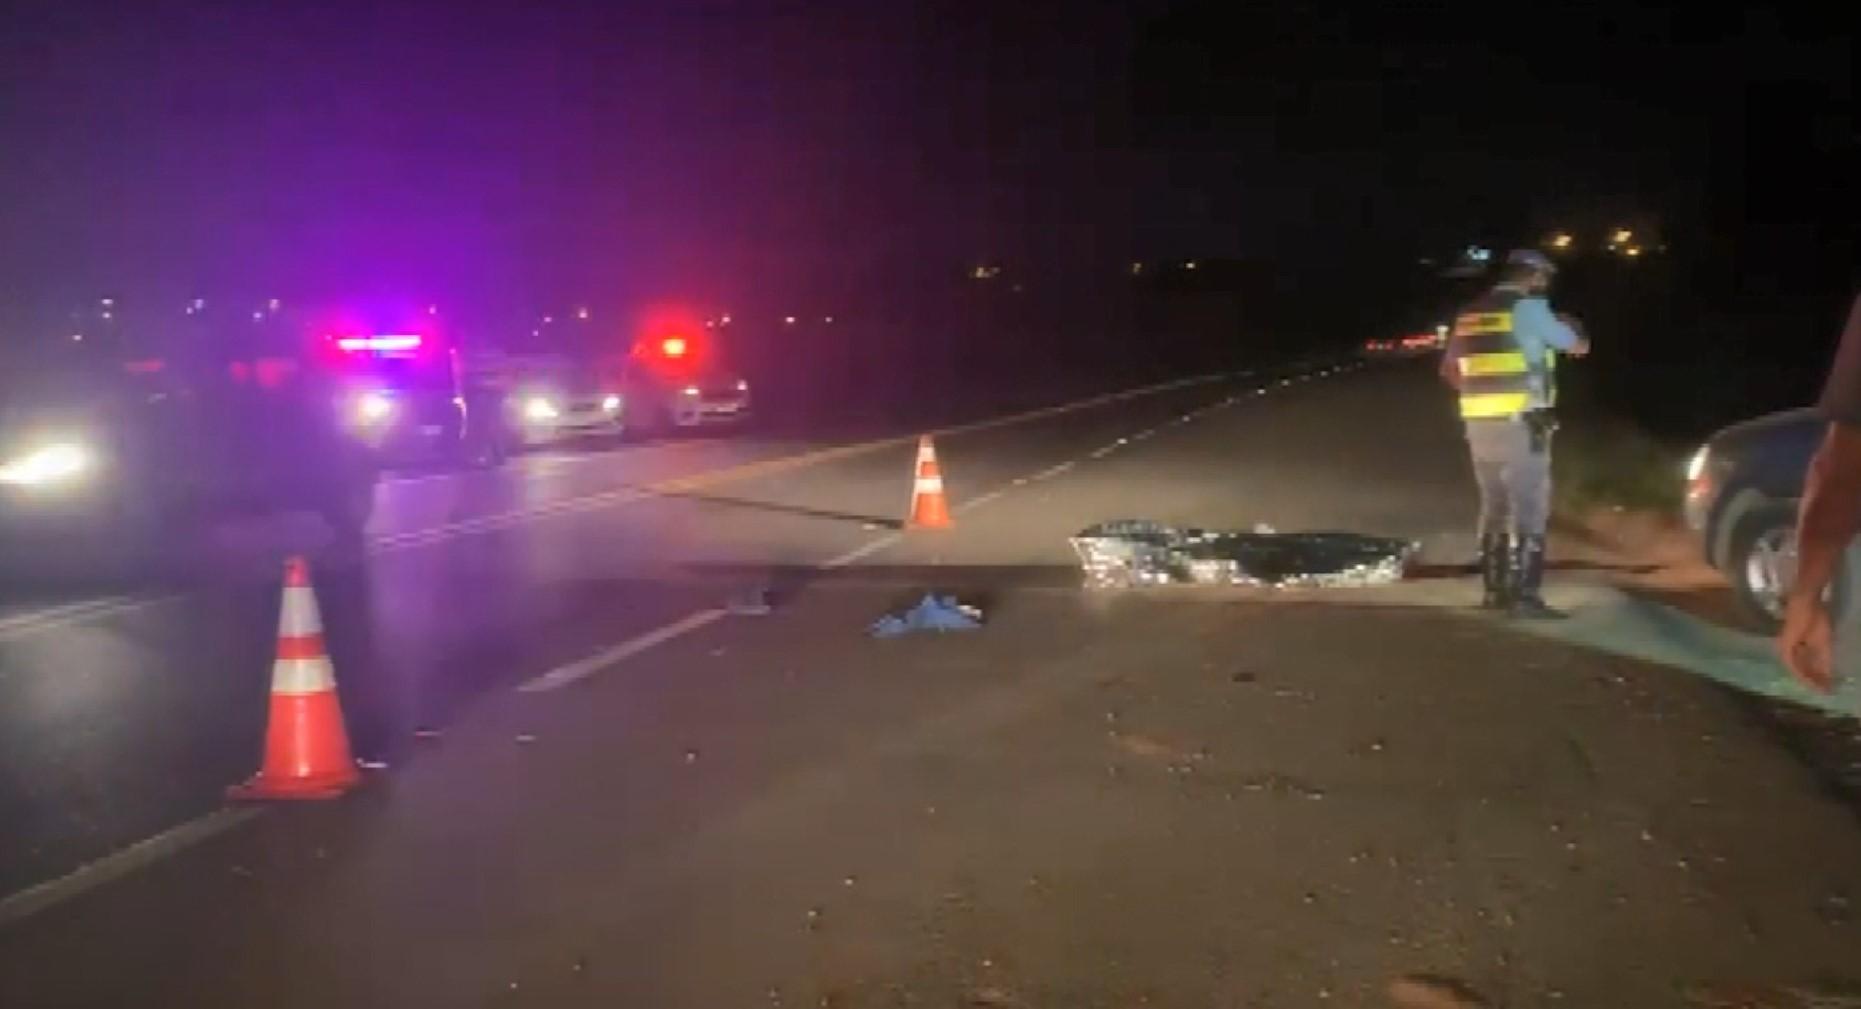 Homem de 38 anos morre atropelado em rodovia que liga Holambra a Jaguariúna